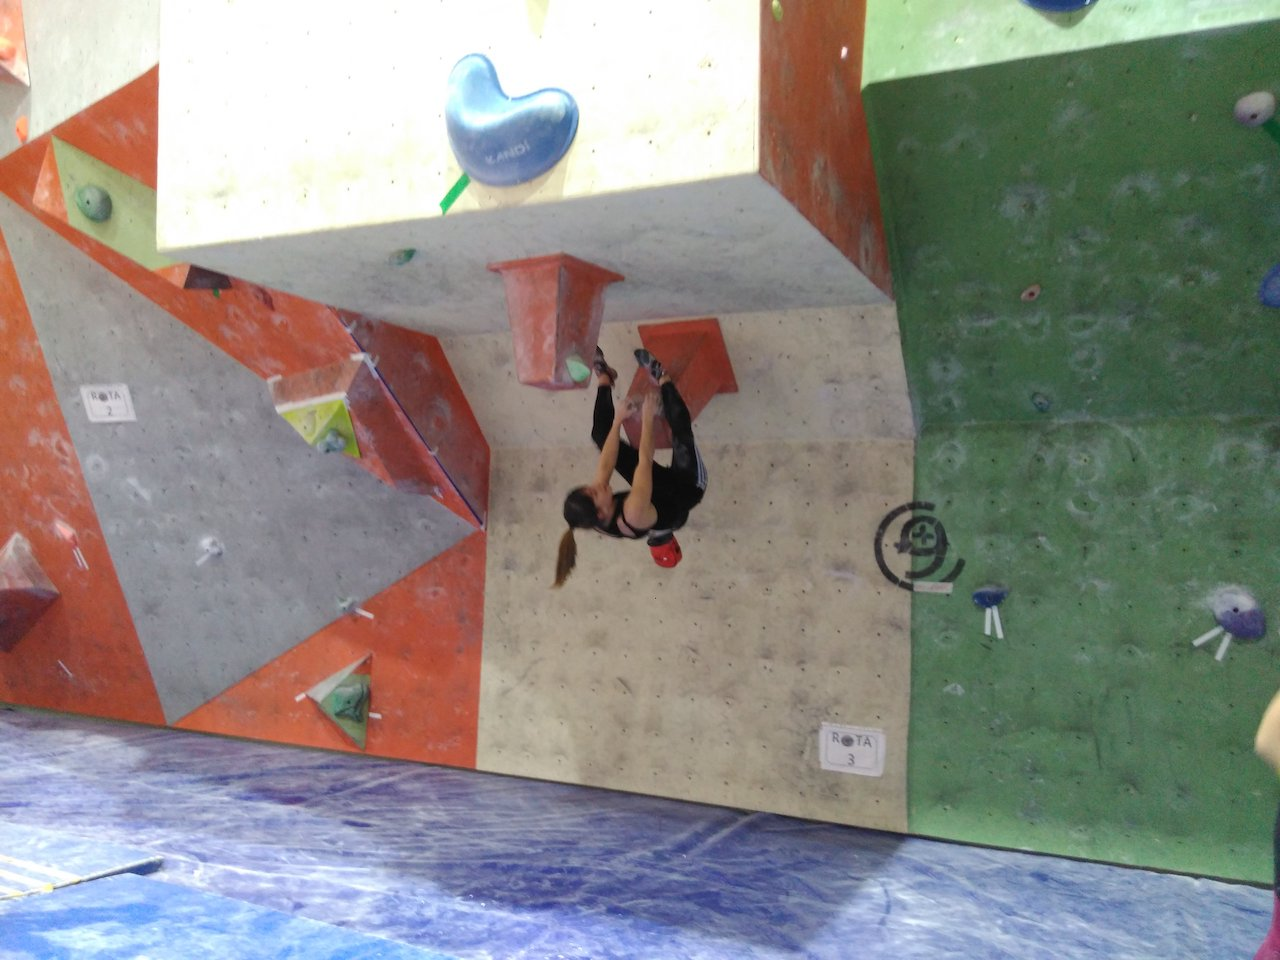 Spor Tırmanış Sözleşmeli Antrenör Alım İlanı